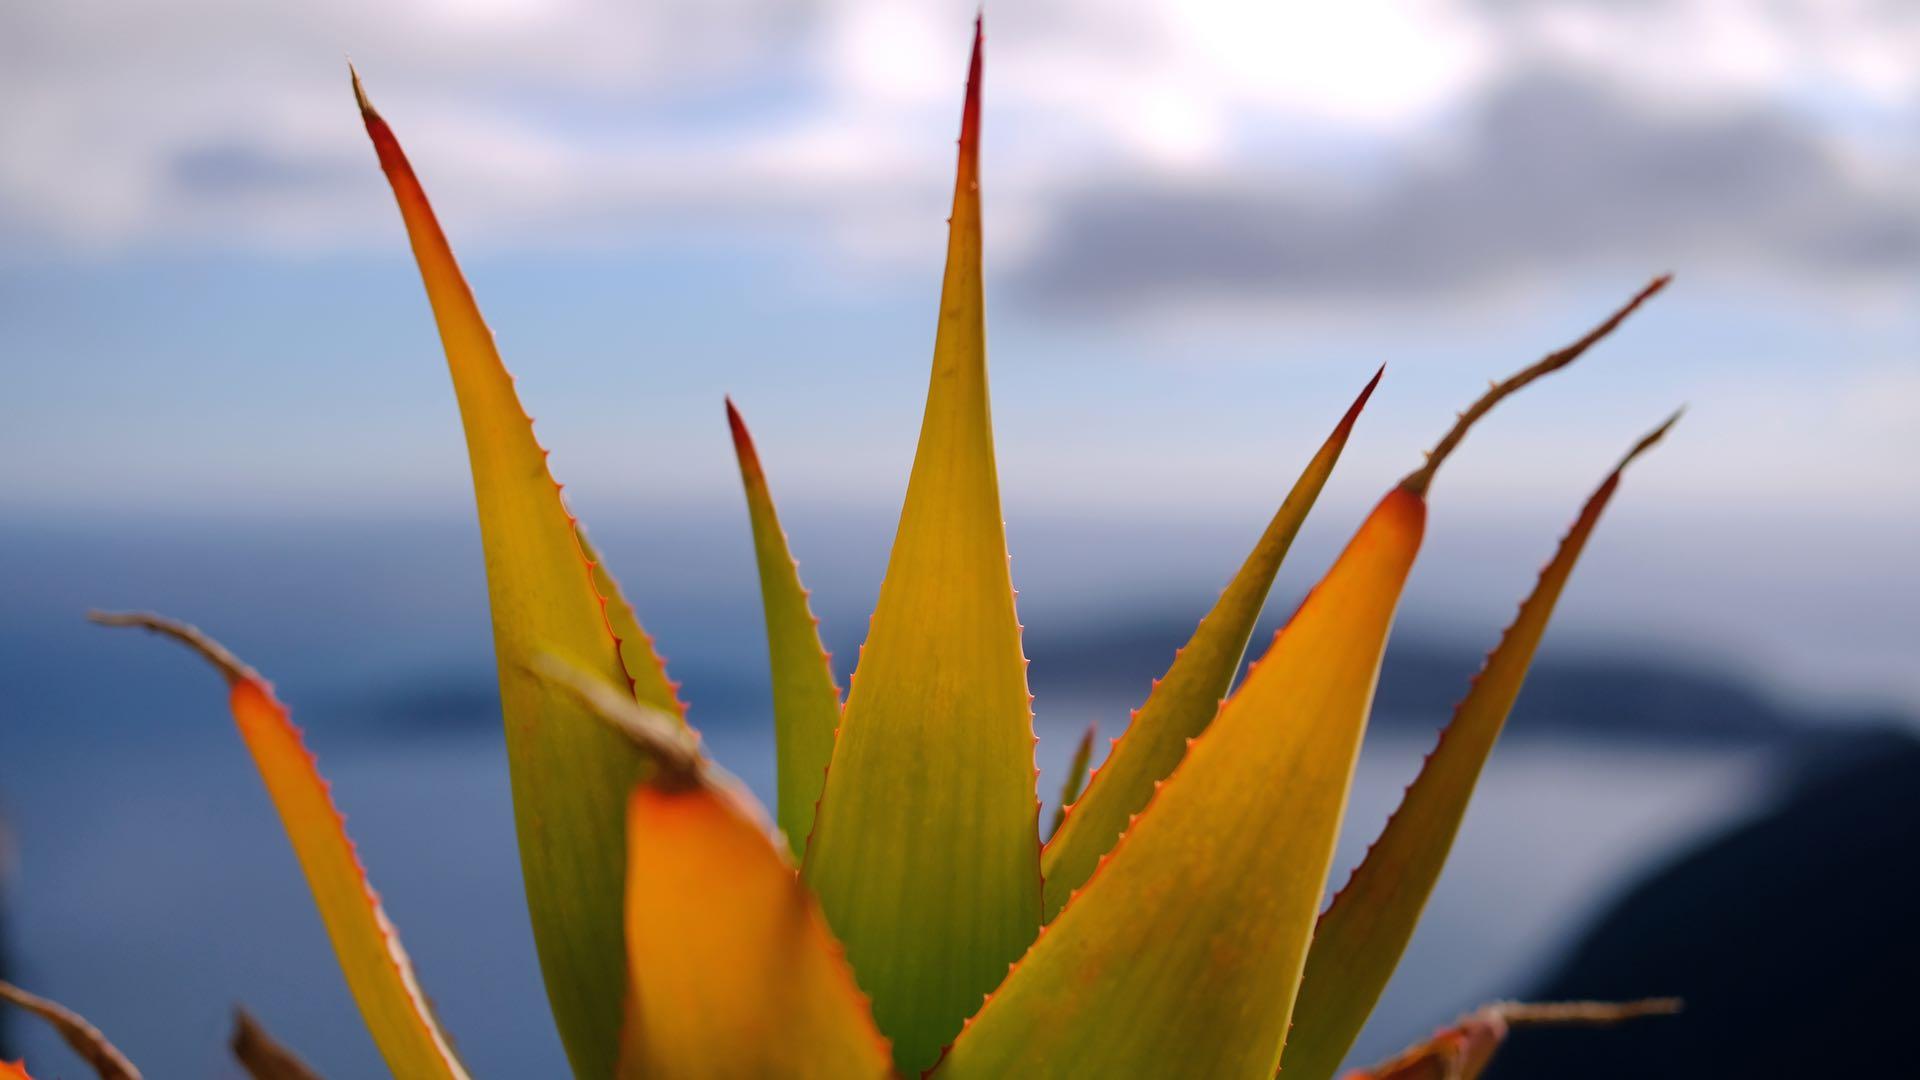 Cactus 1920x1080